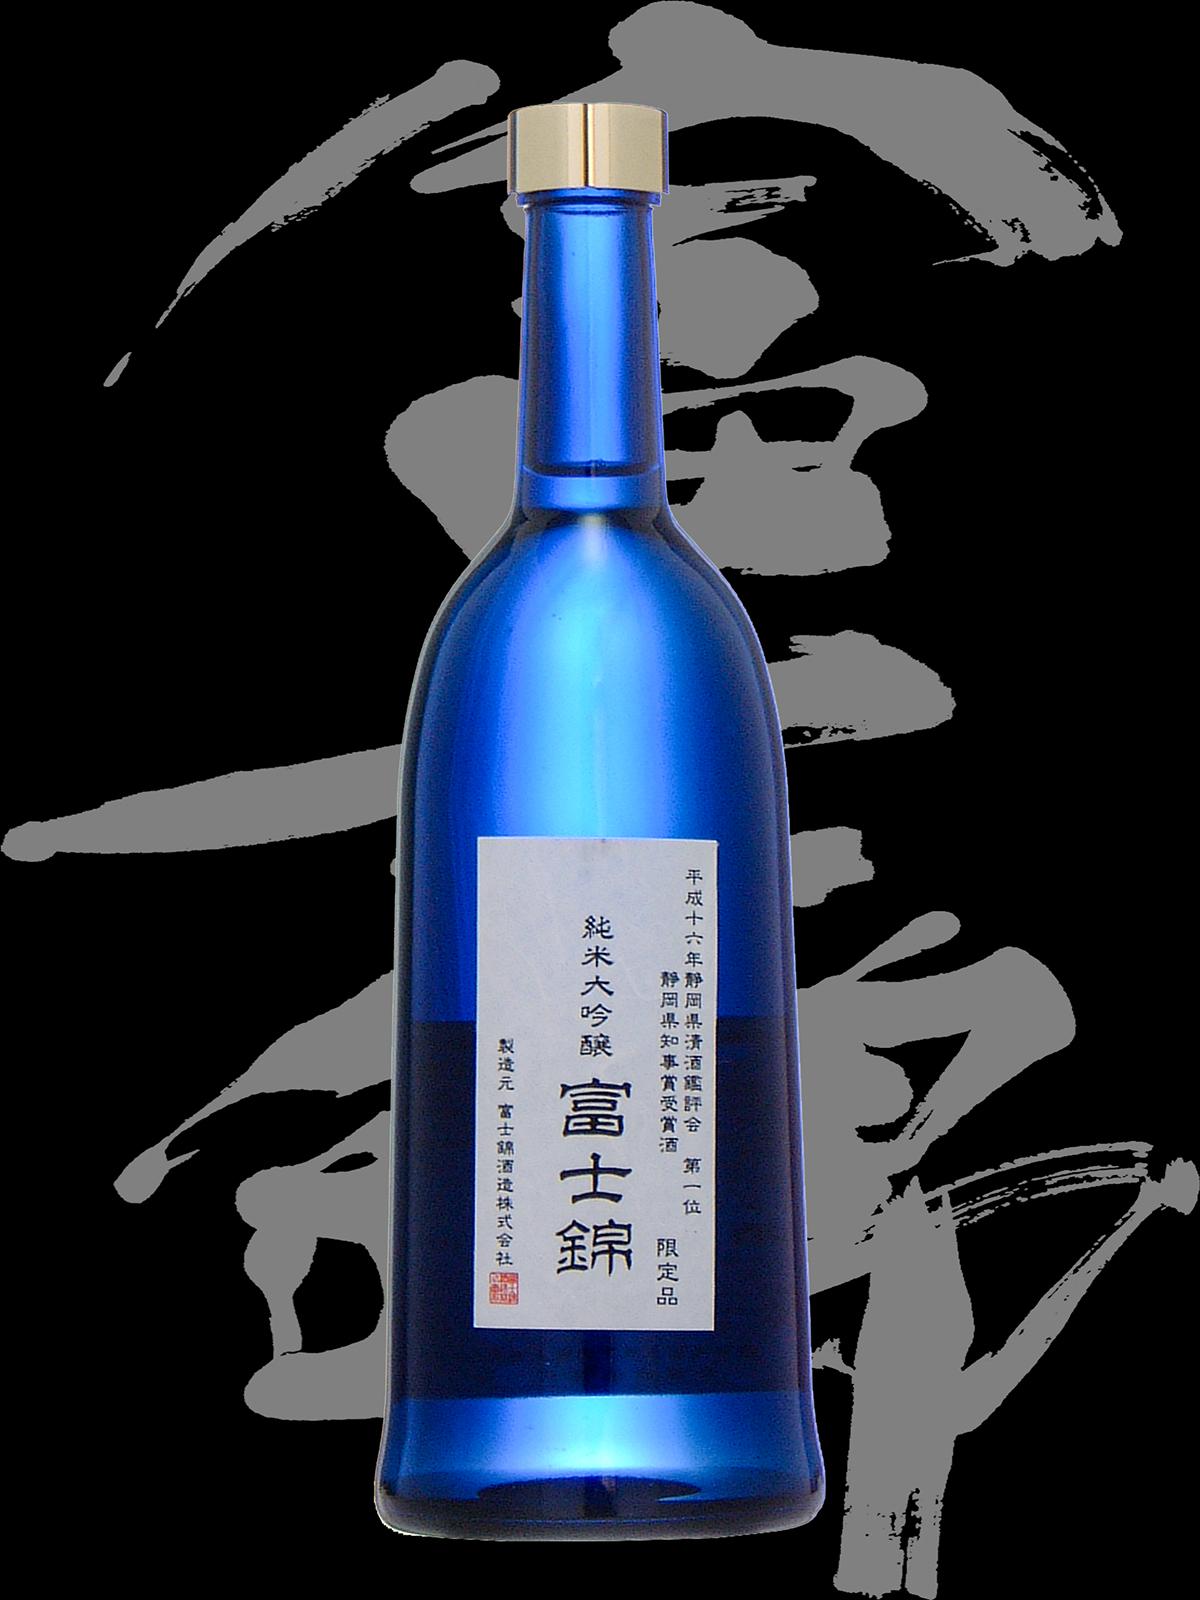 富士錦(ふじにしき)「純米大吟醸」県知事賞受賞酒